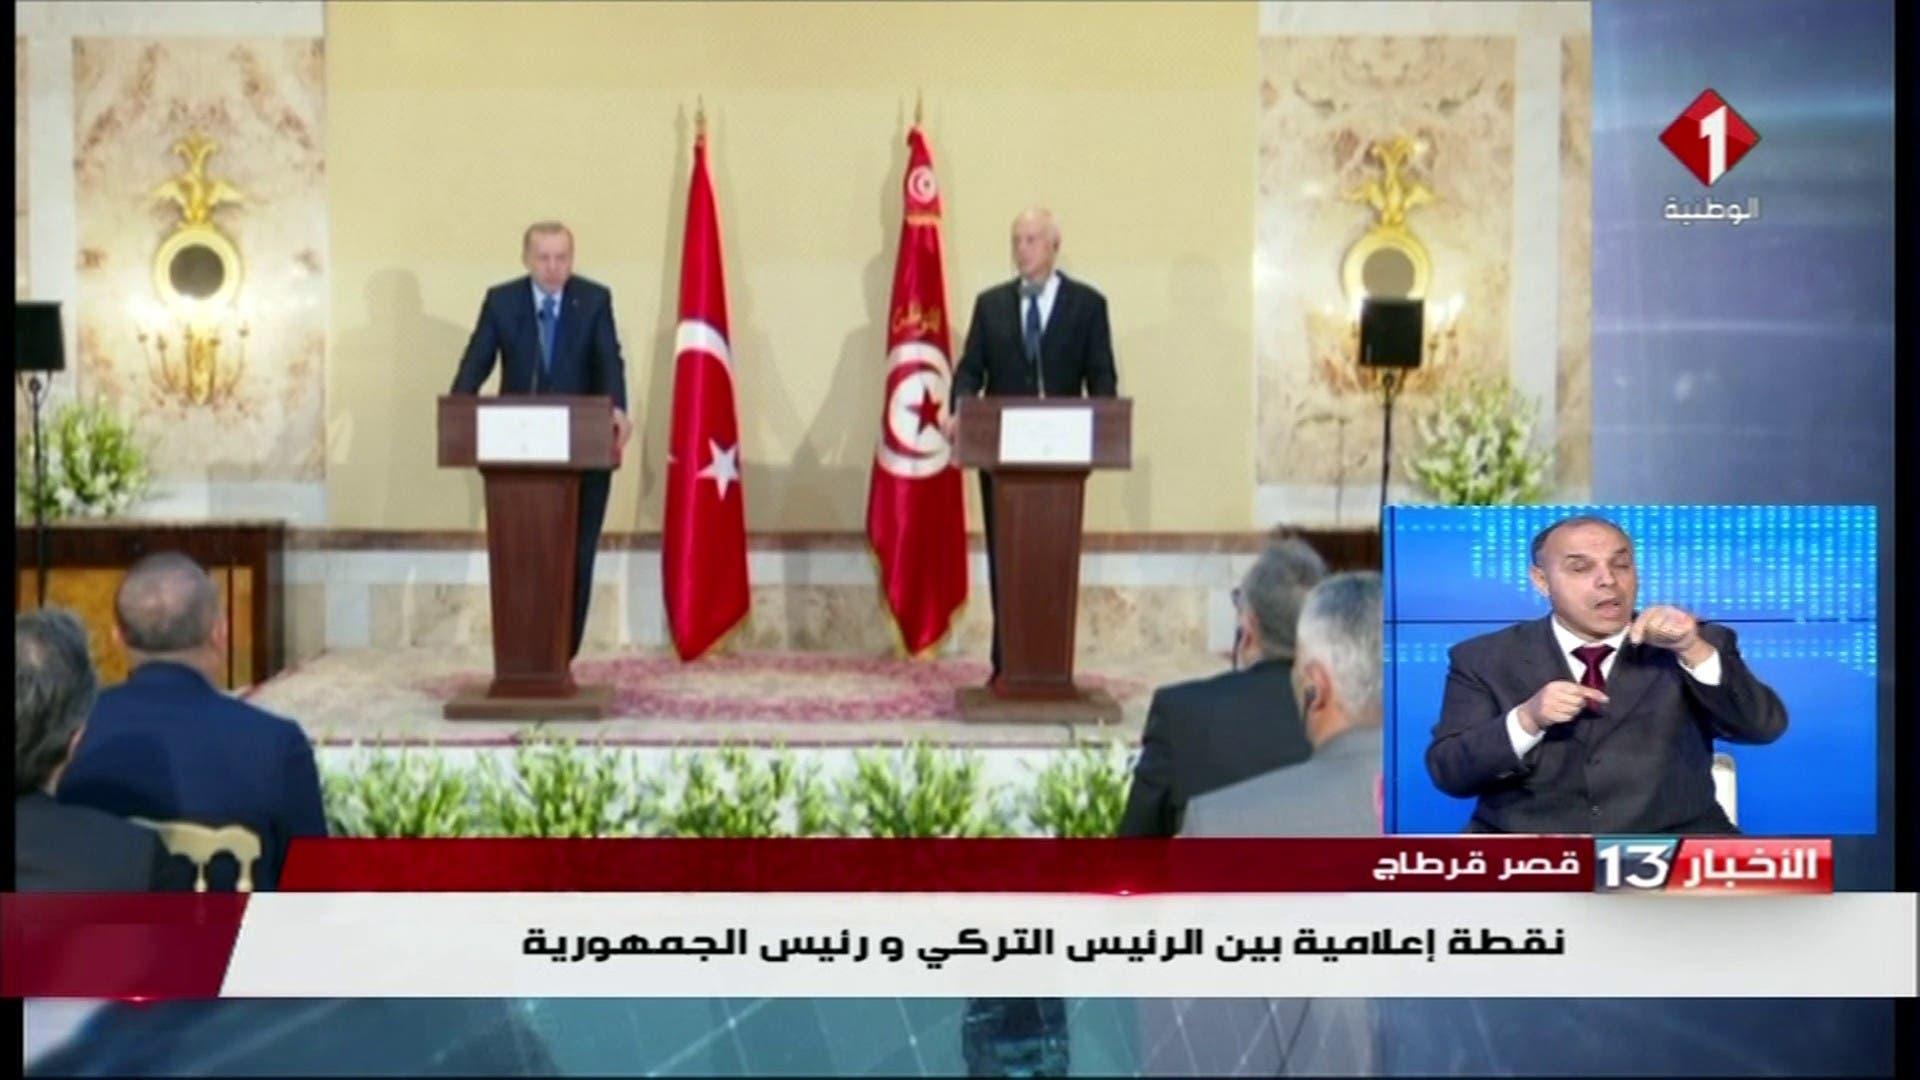 جانب من المؤتمر الصحافي بين الرئيسين أردوغان وقيس سعيد